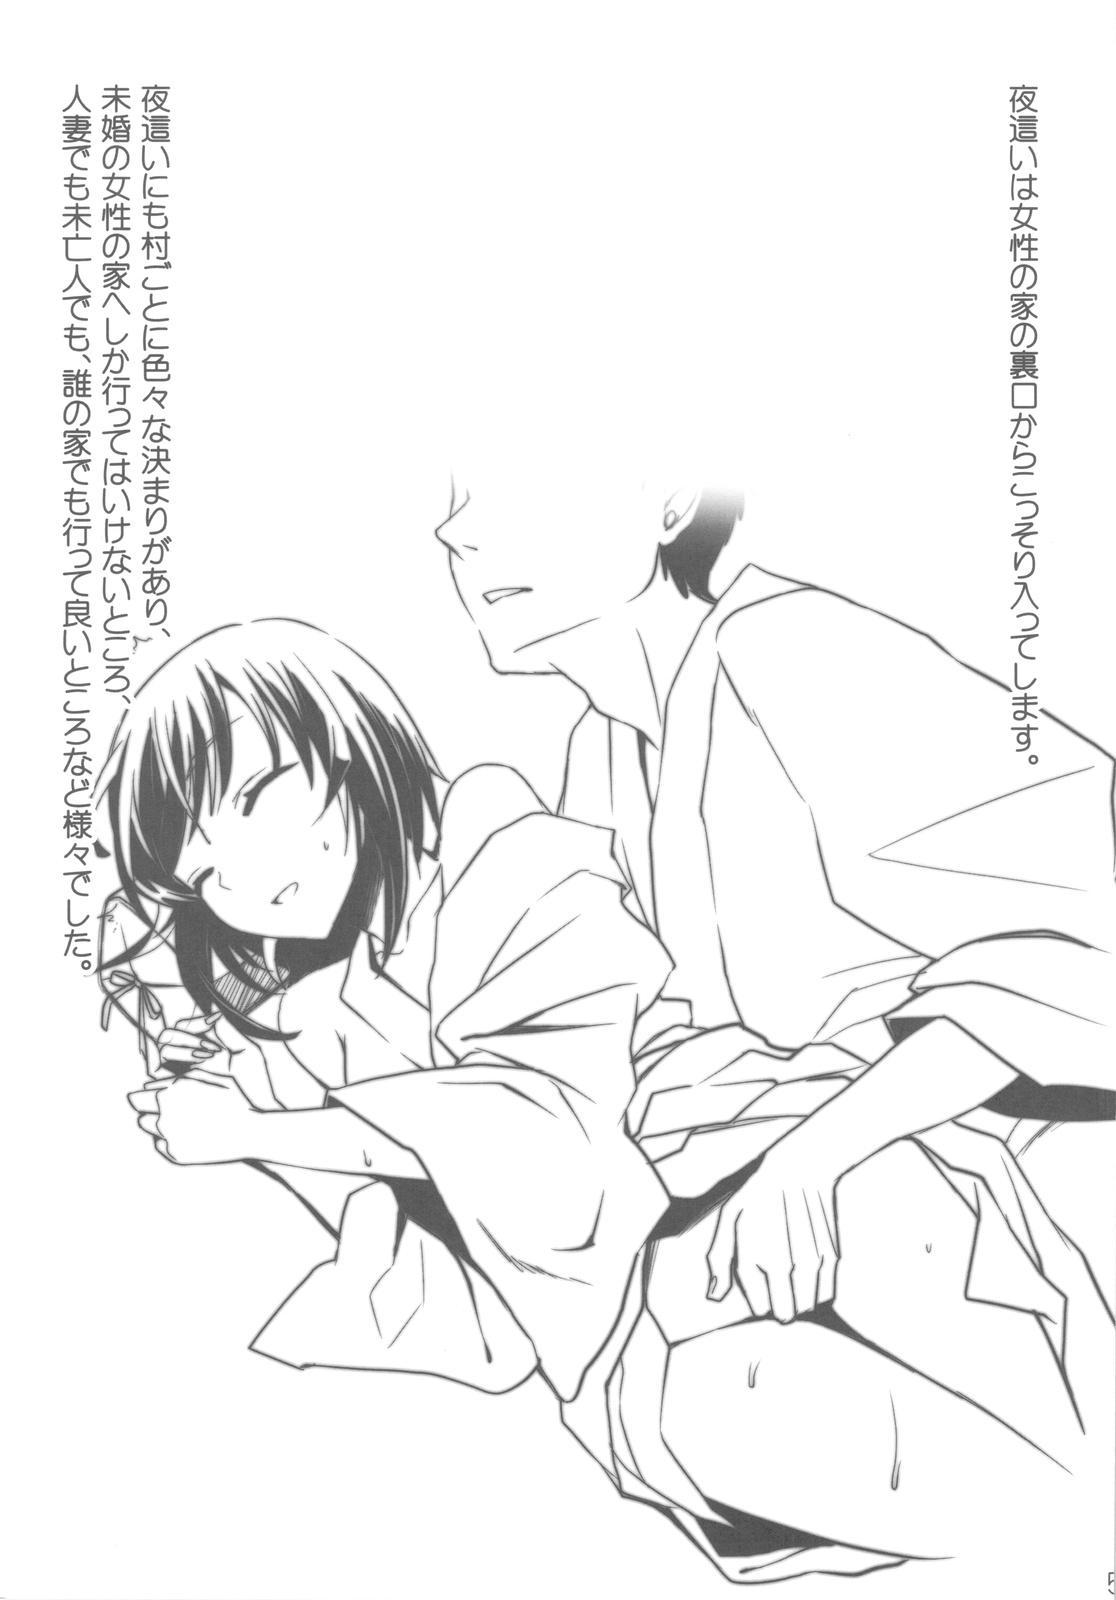 Jougasaki Shimai no Zenryoku Love Attack + Omake bon 20